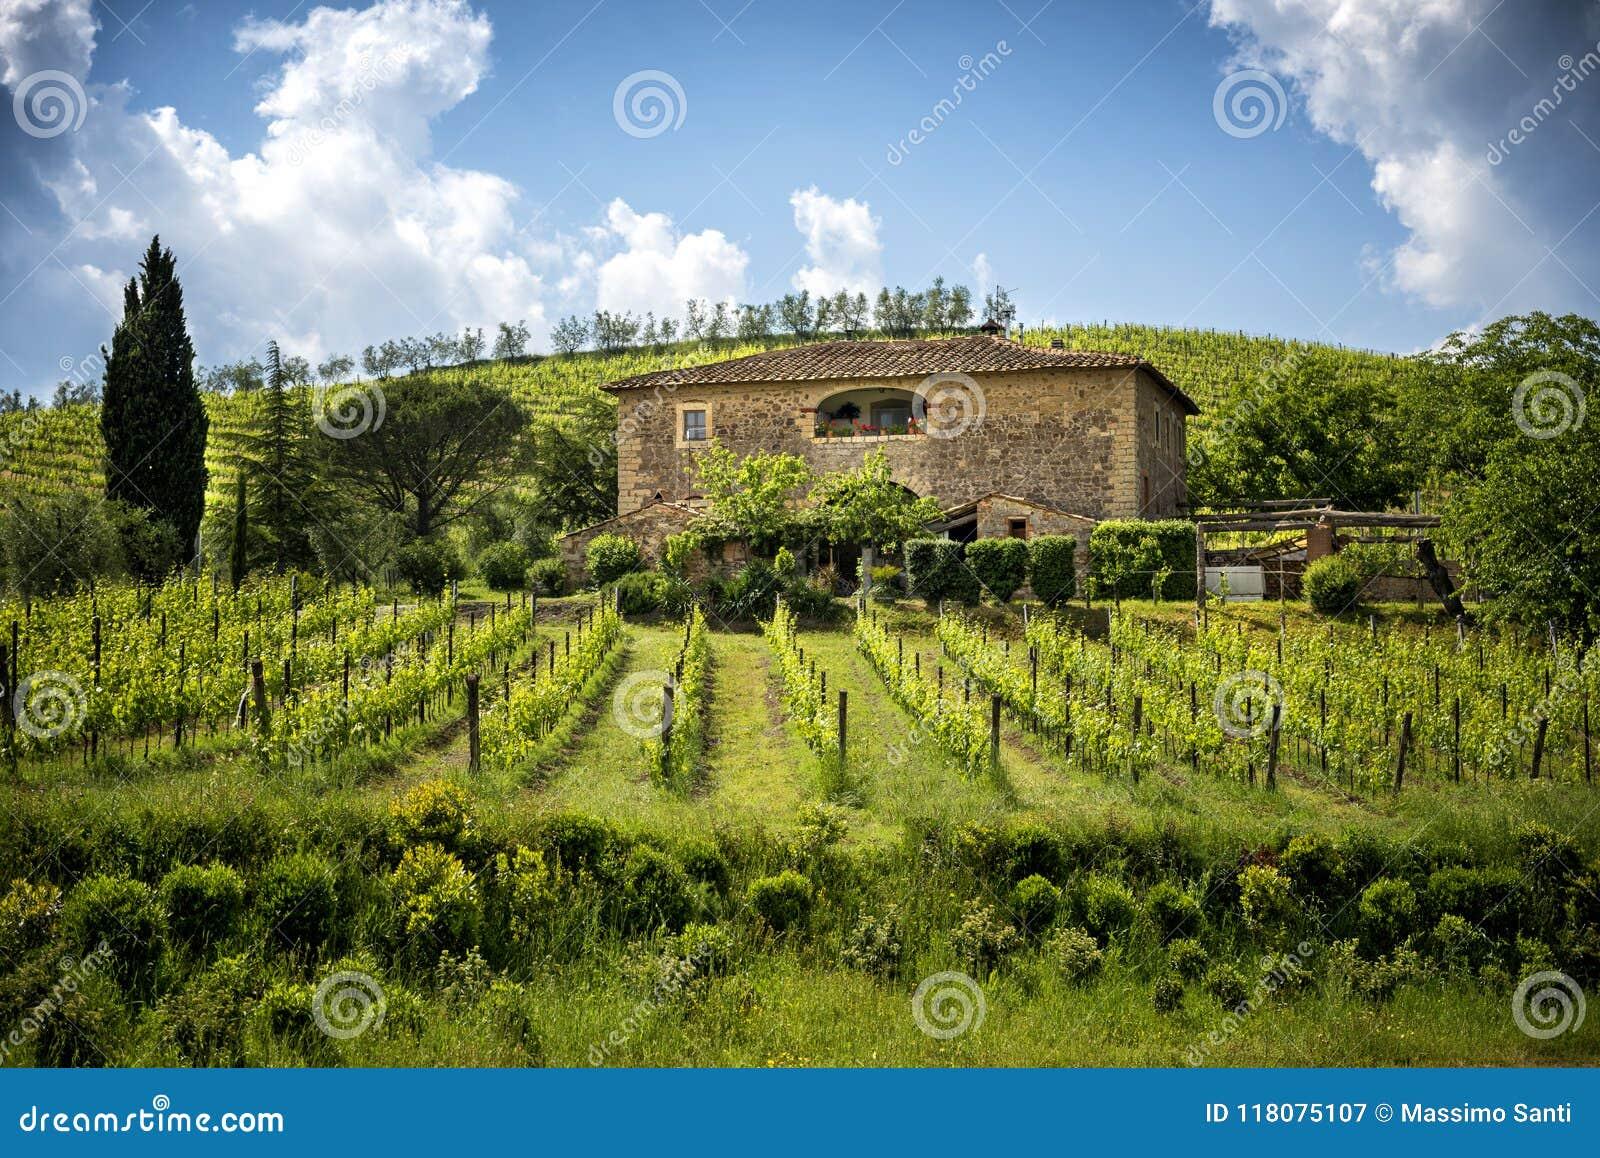 Chianti vineyards in Tuscany, Italy.